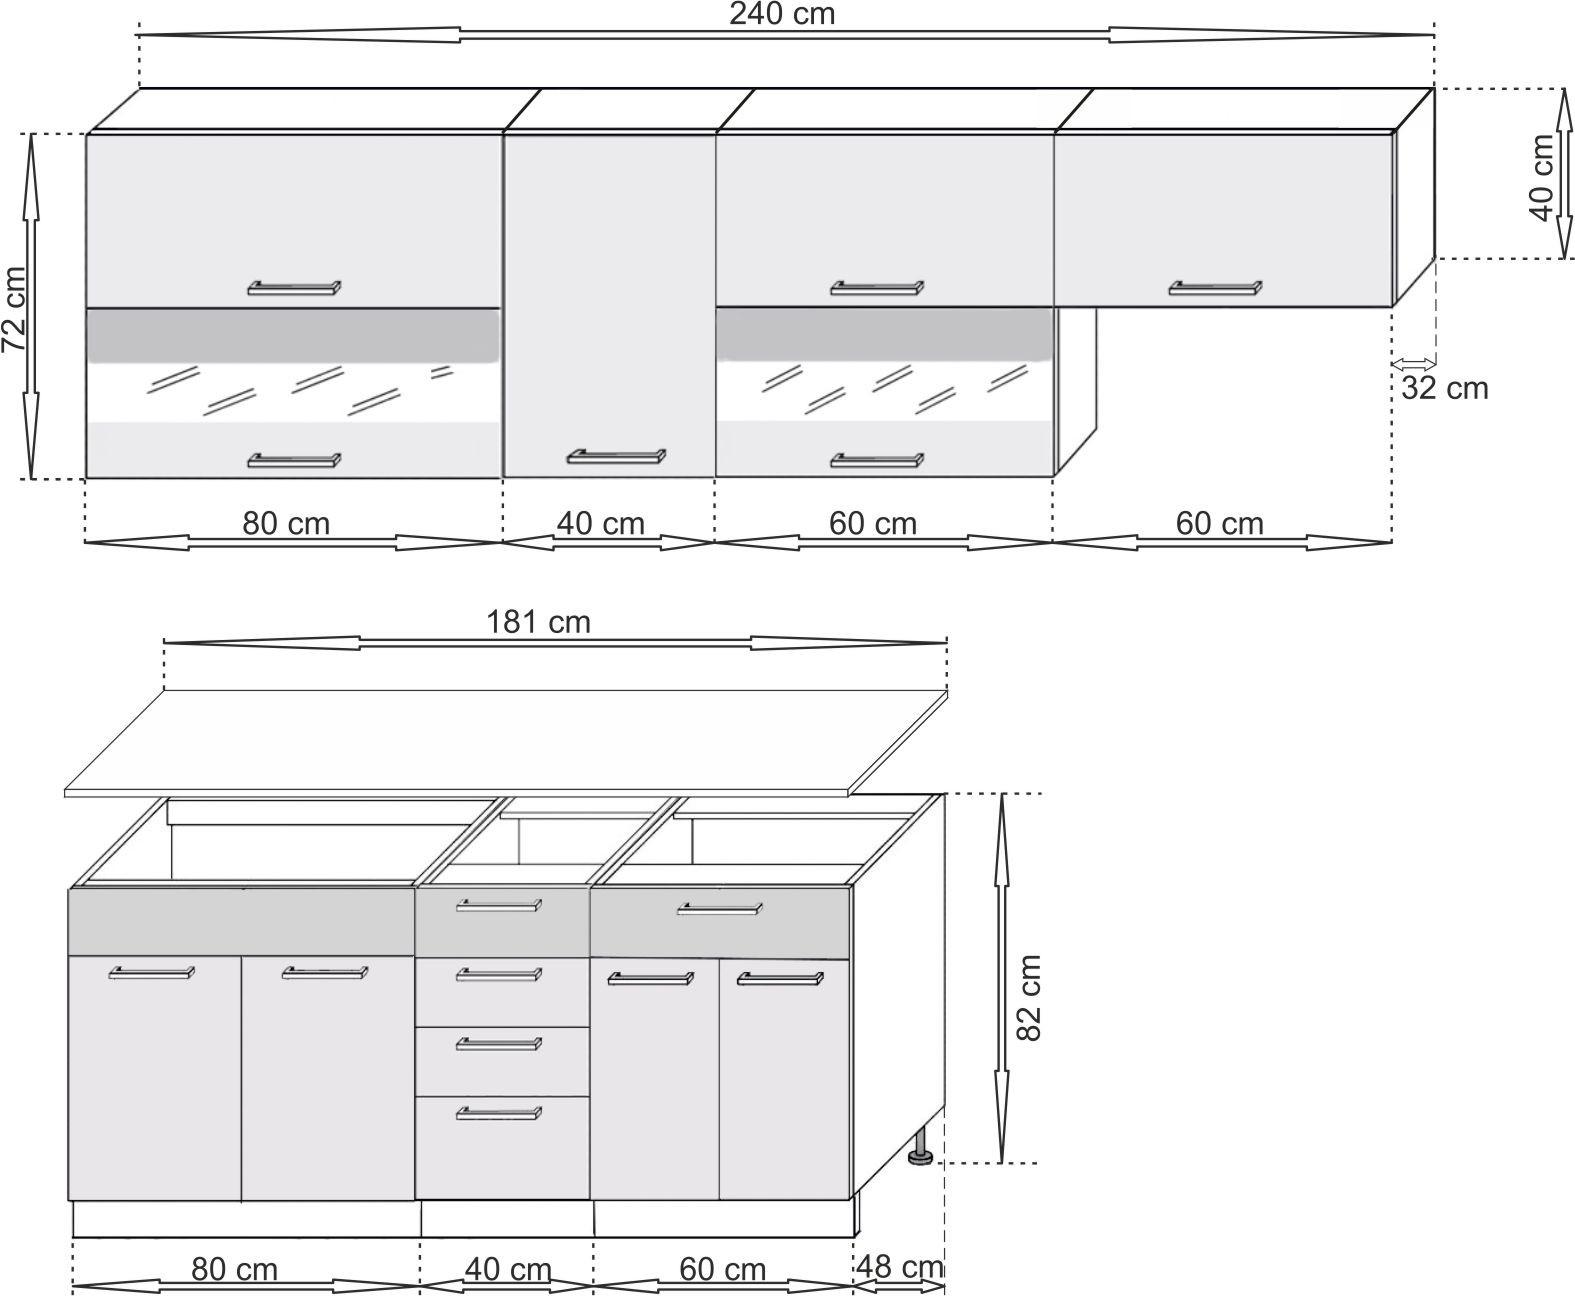 SCASI kuchyňská sestava modulová